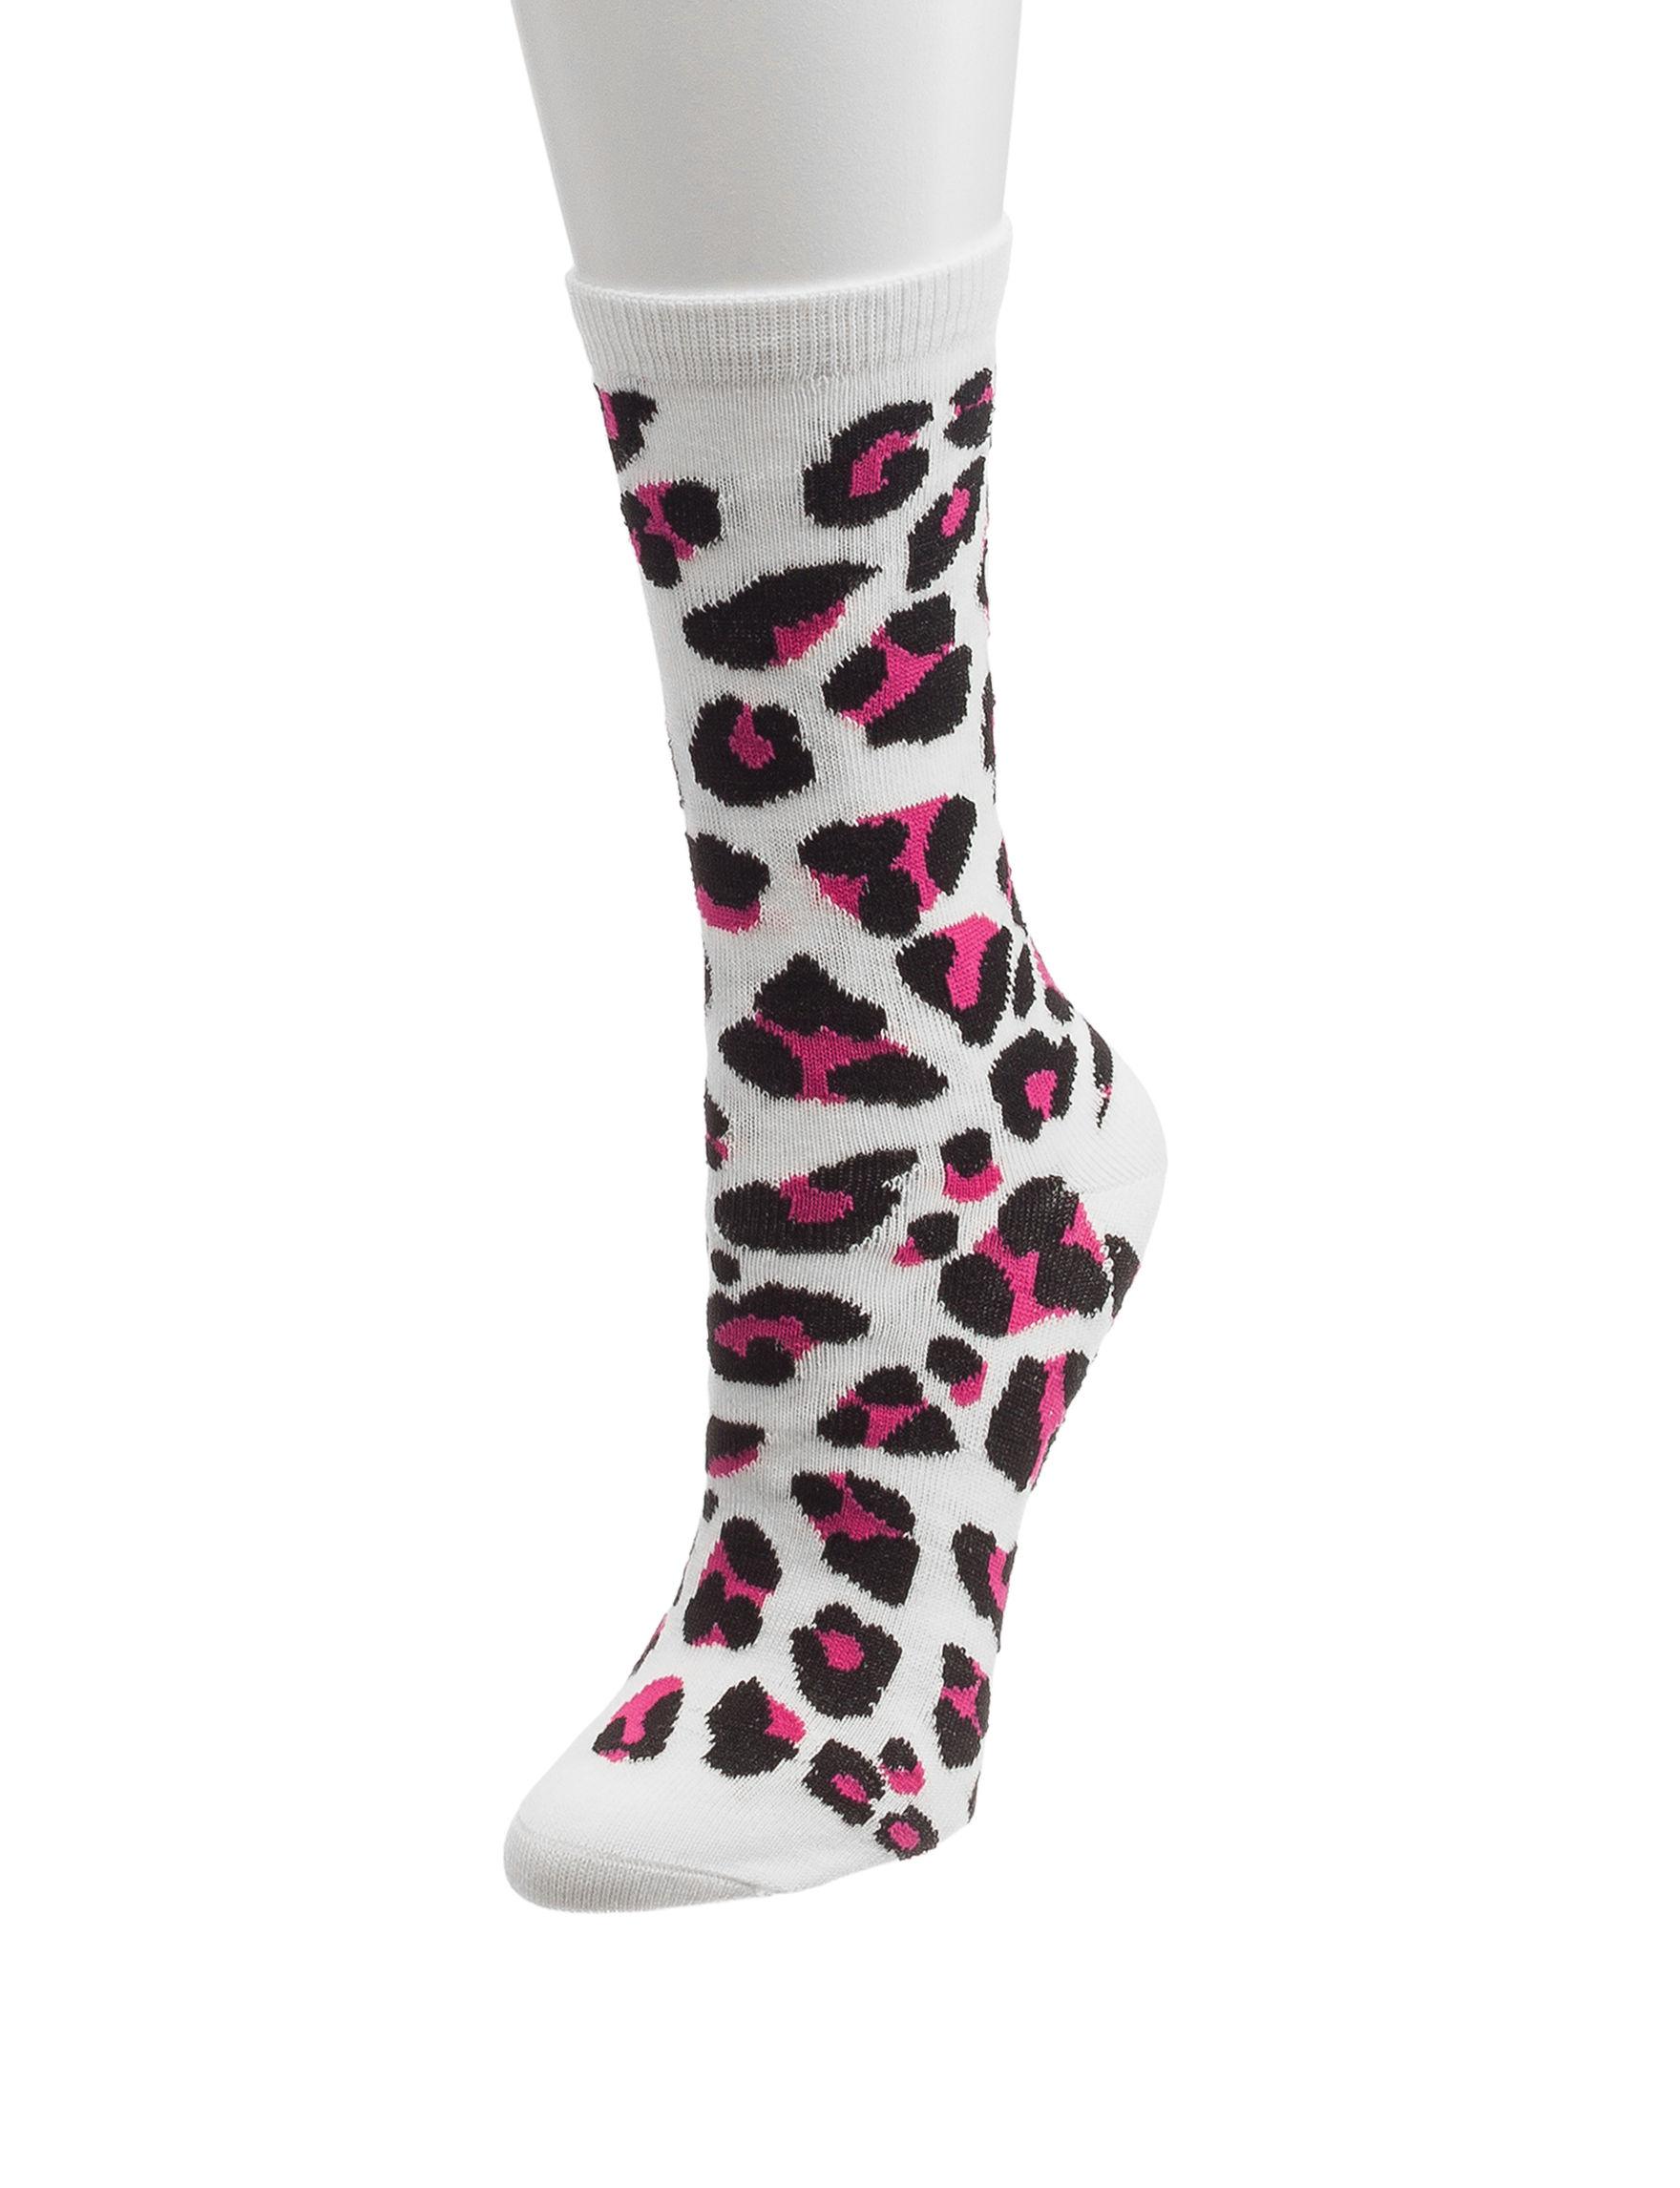 Novelty Beige Socks